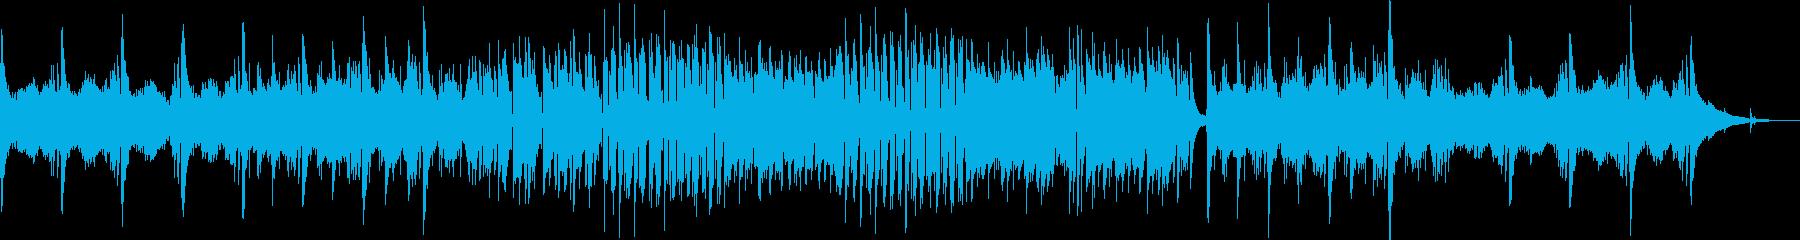 秋風のような流れるクラシックギター Aの再生済みの波形